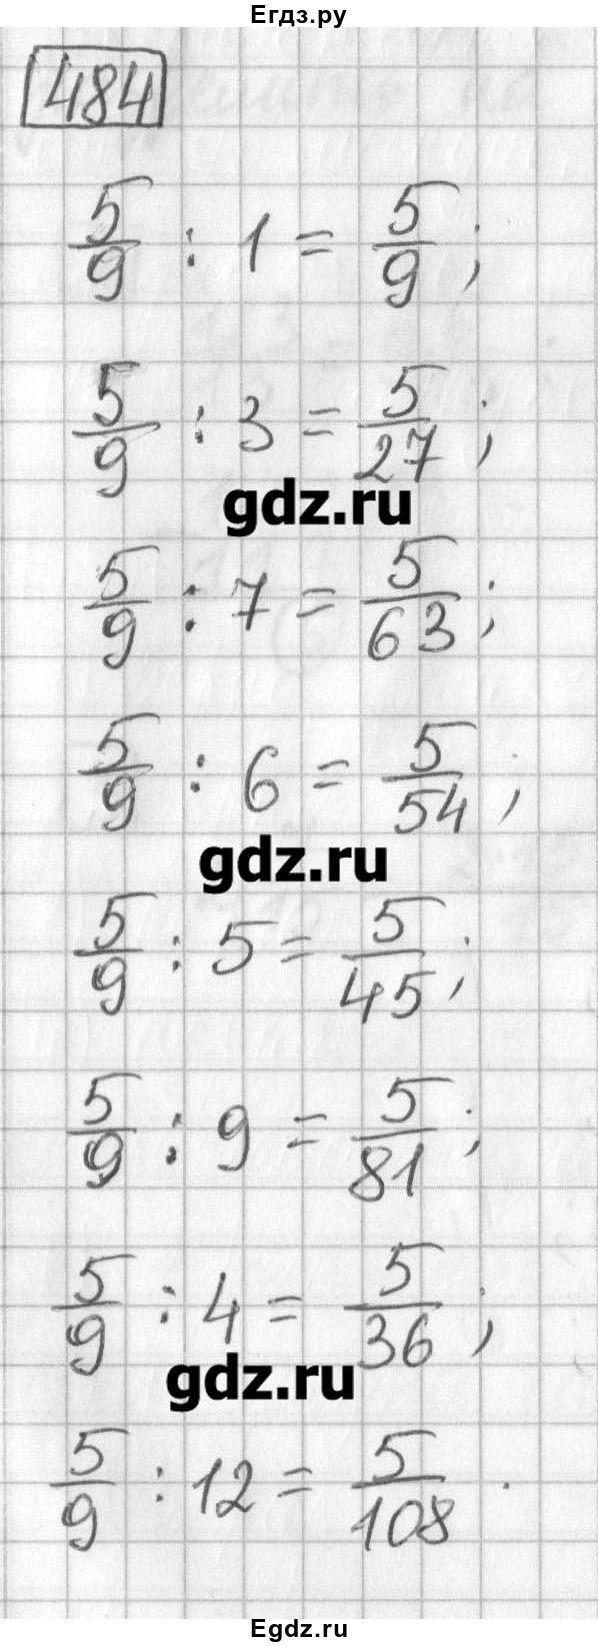 Хруцкая рабочая тетрадь по биологии 11 класс решебник